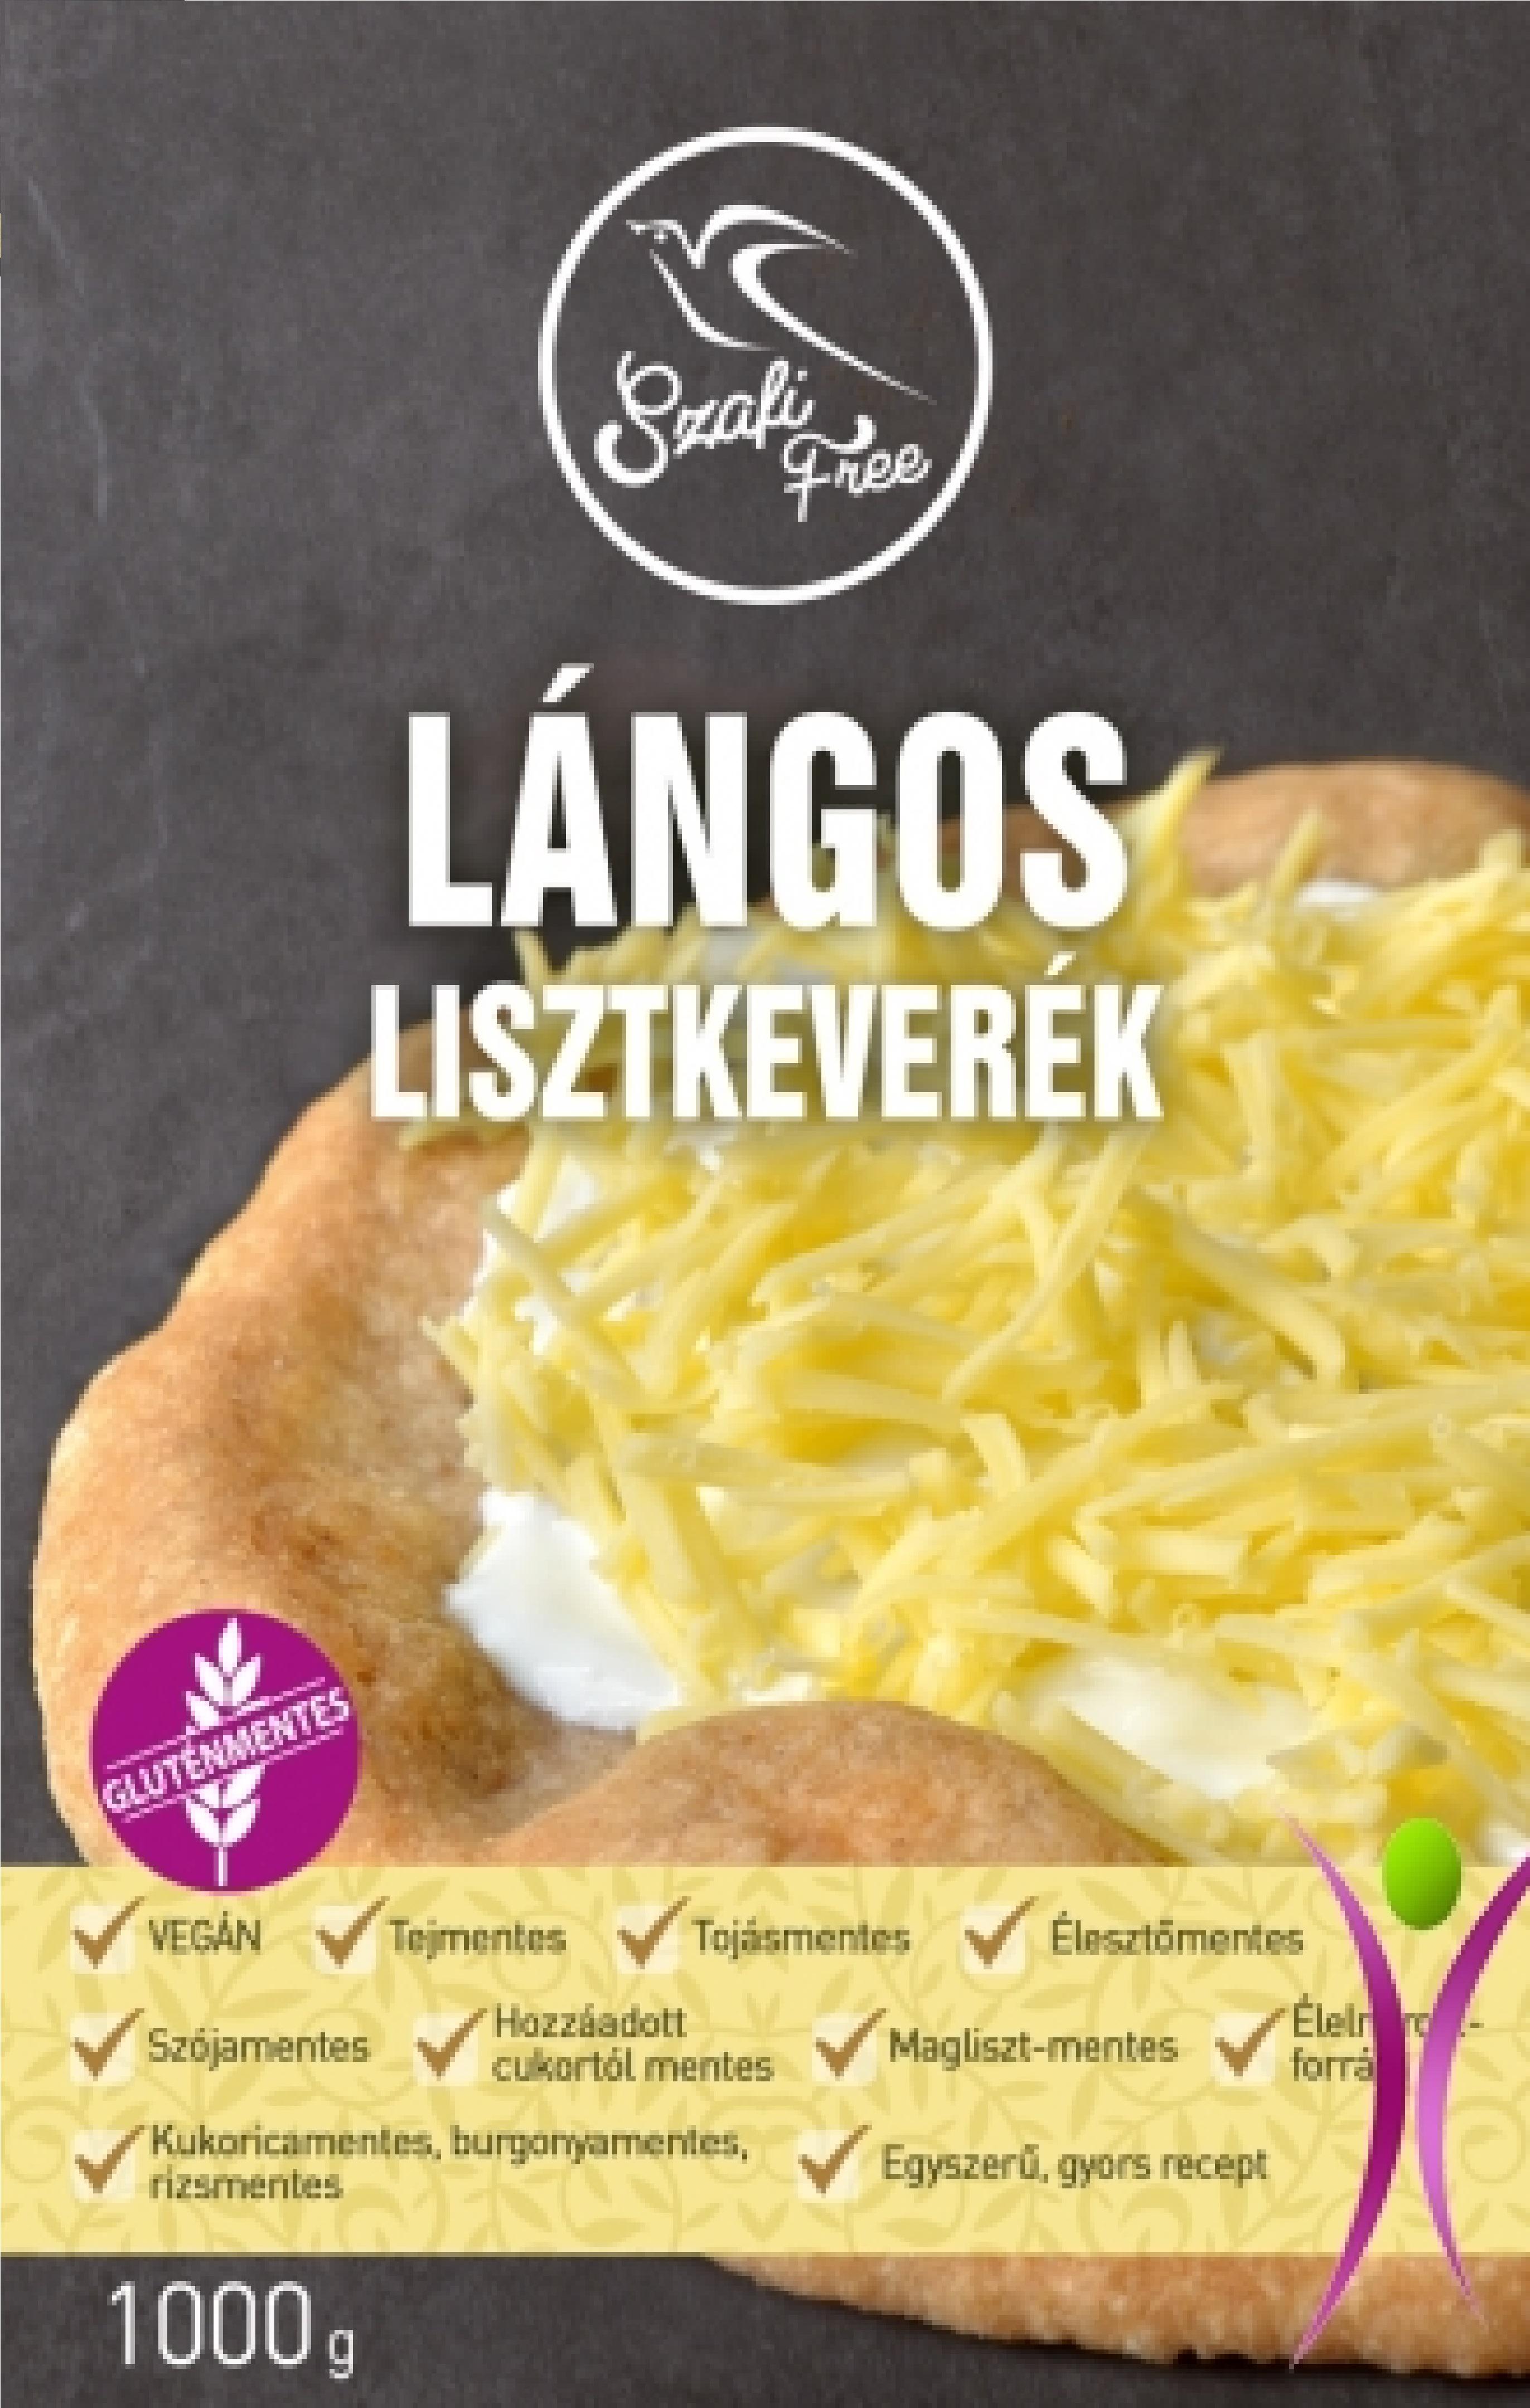 Szafi Free 'Langosh' Mix 1 kg